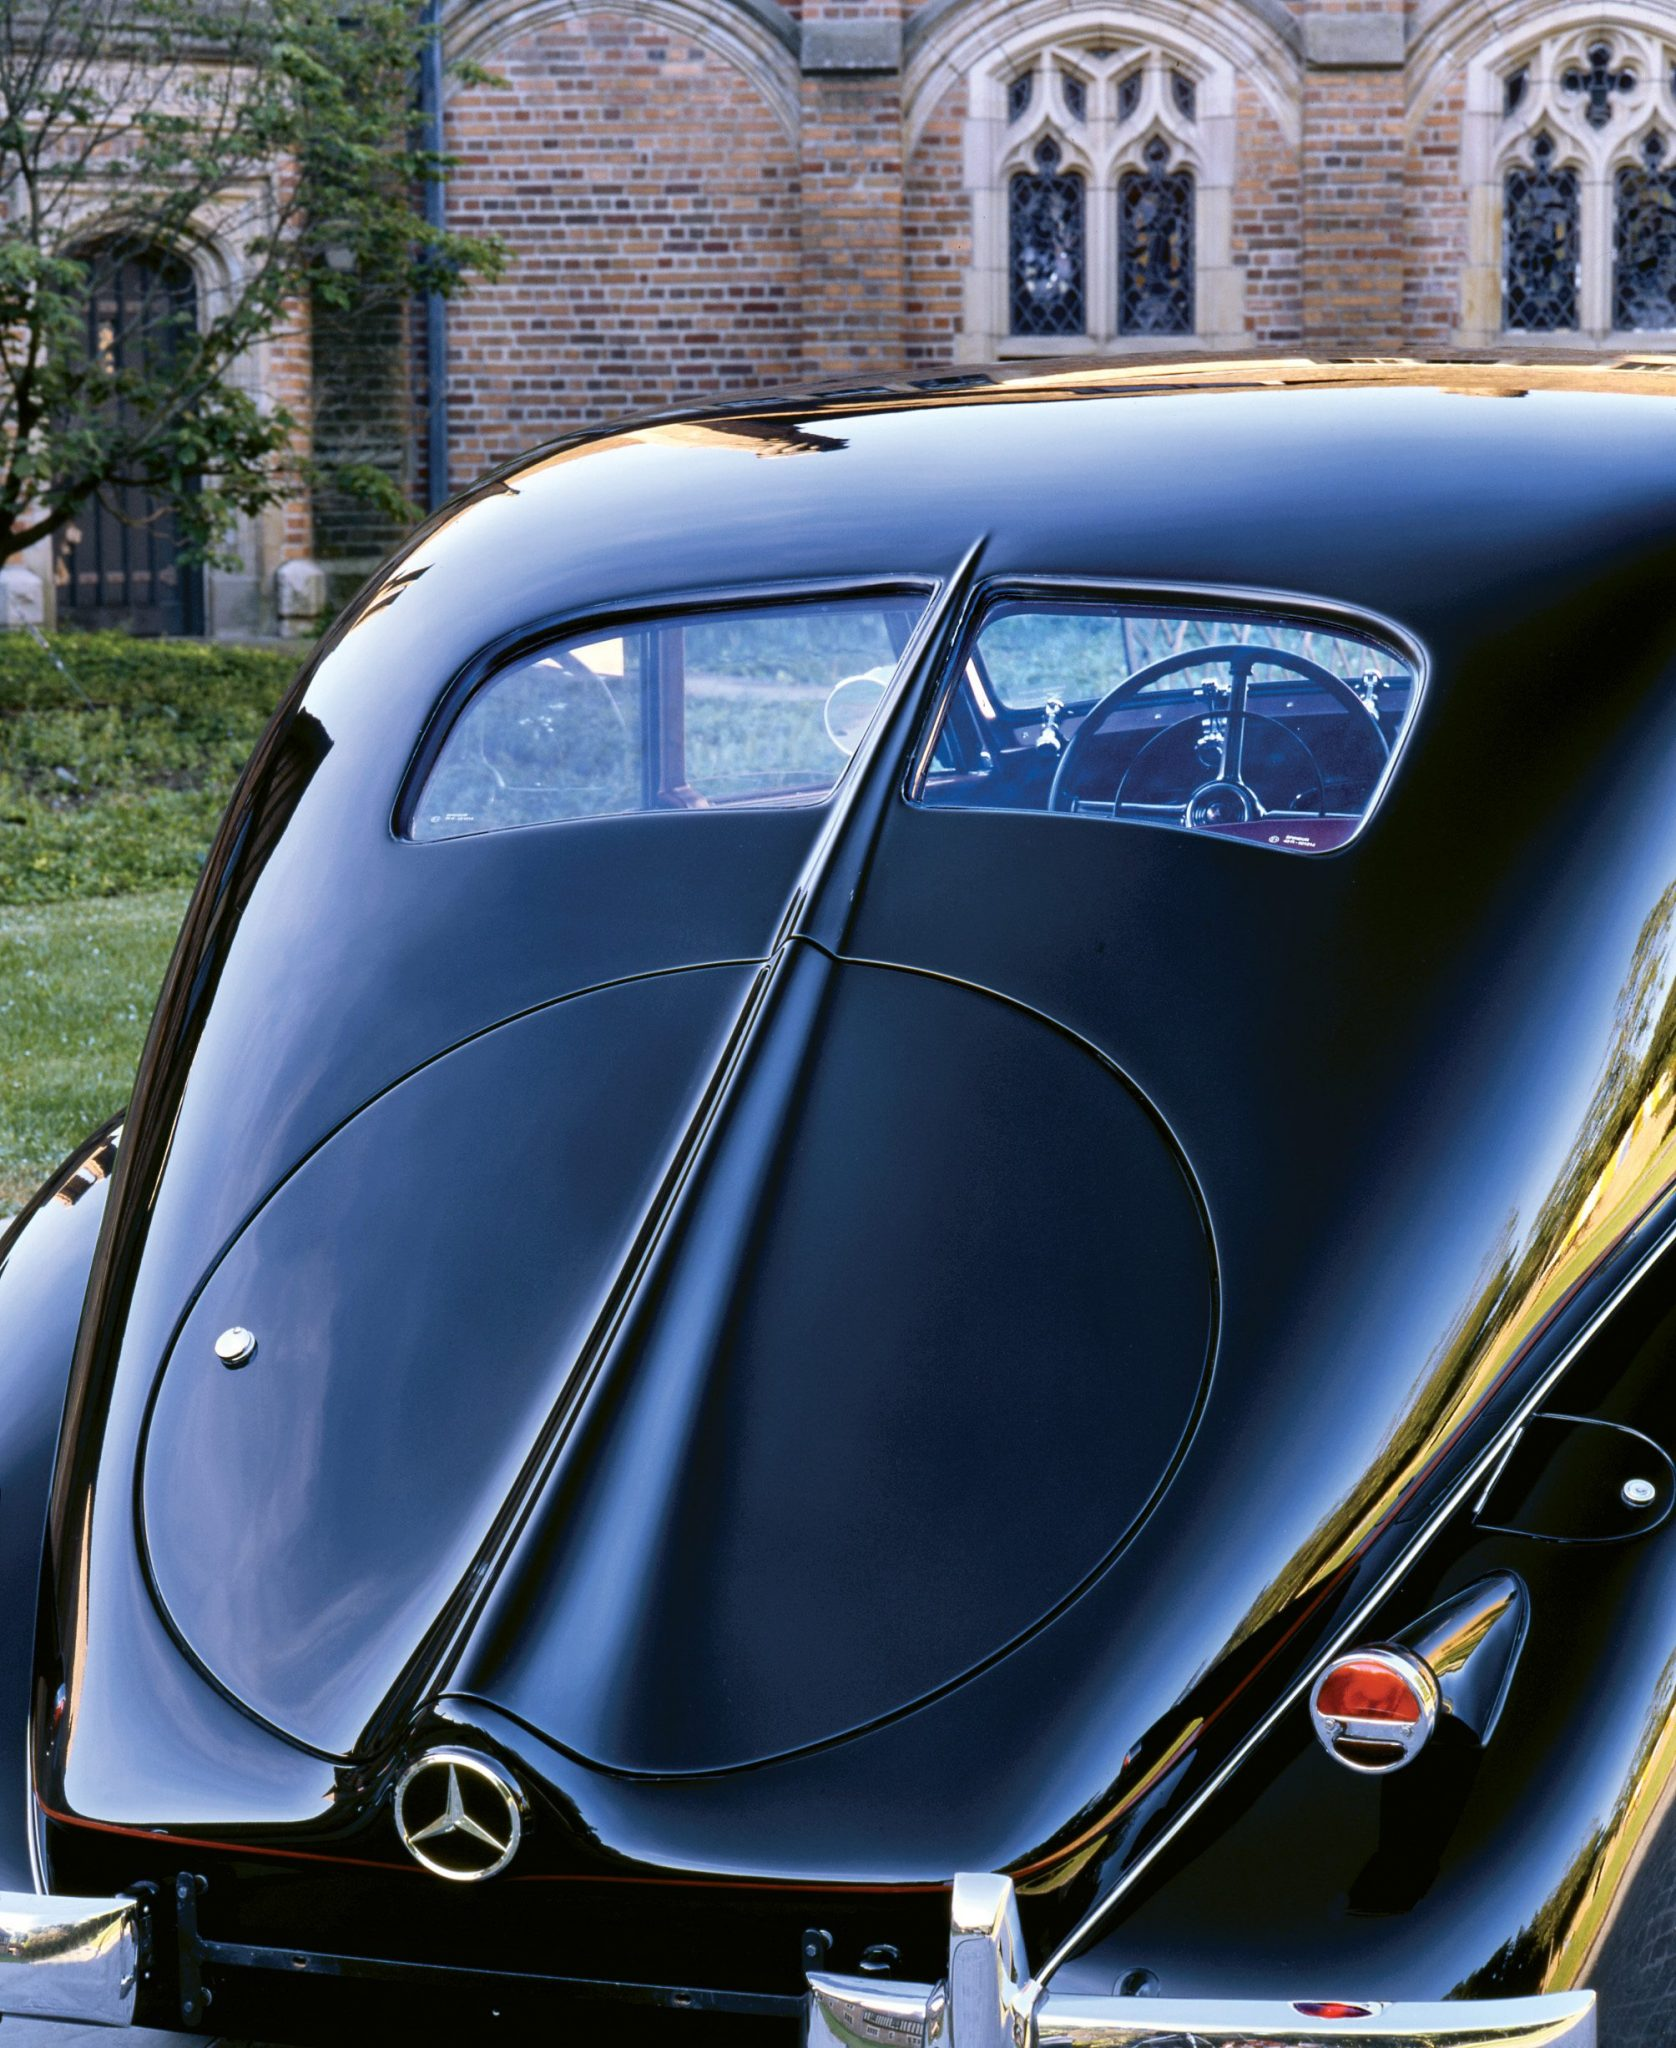 1939 Mecedes-Benz 320 Rear